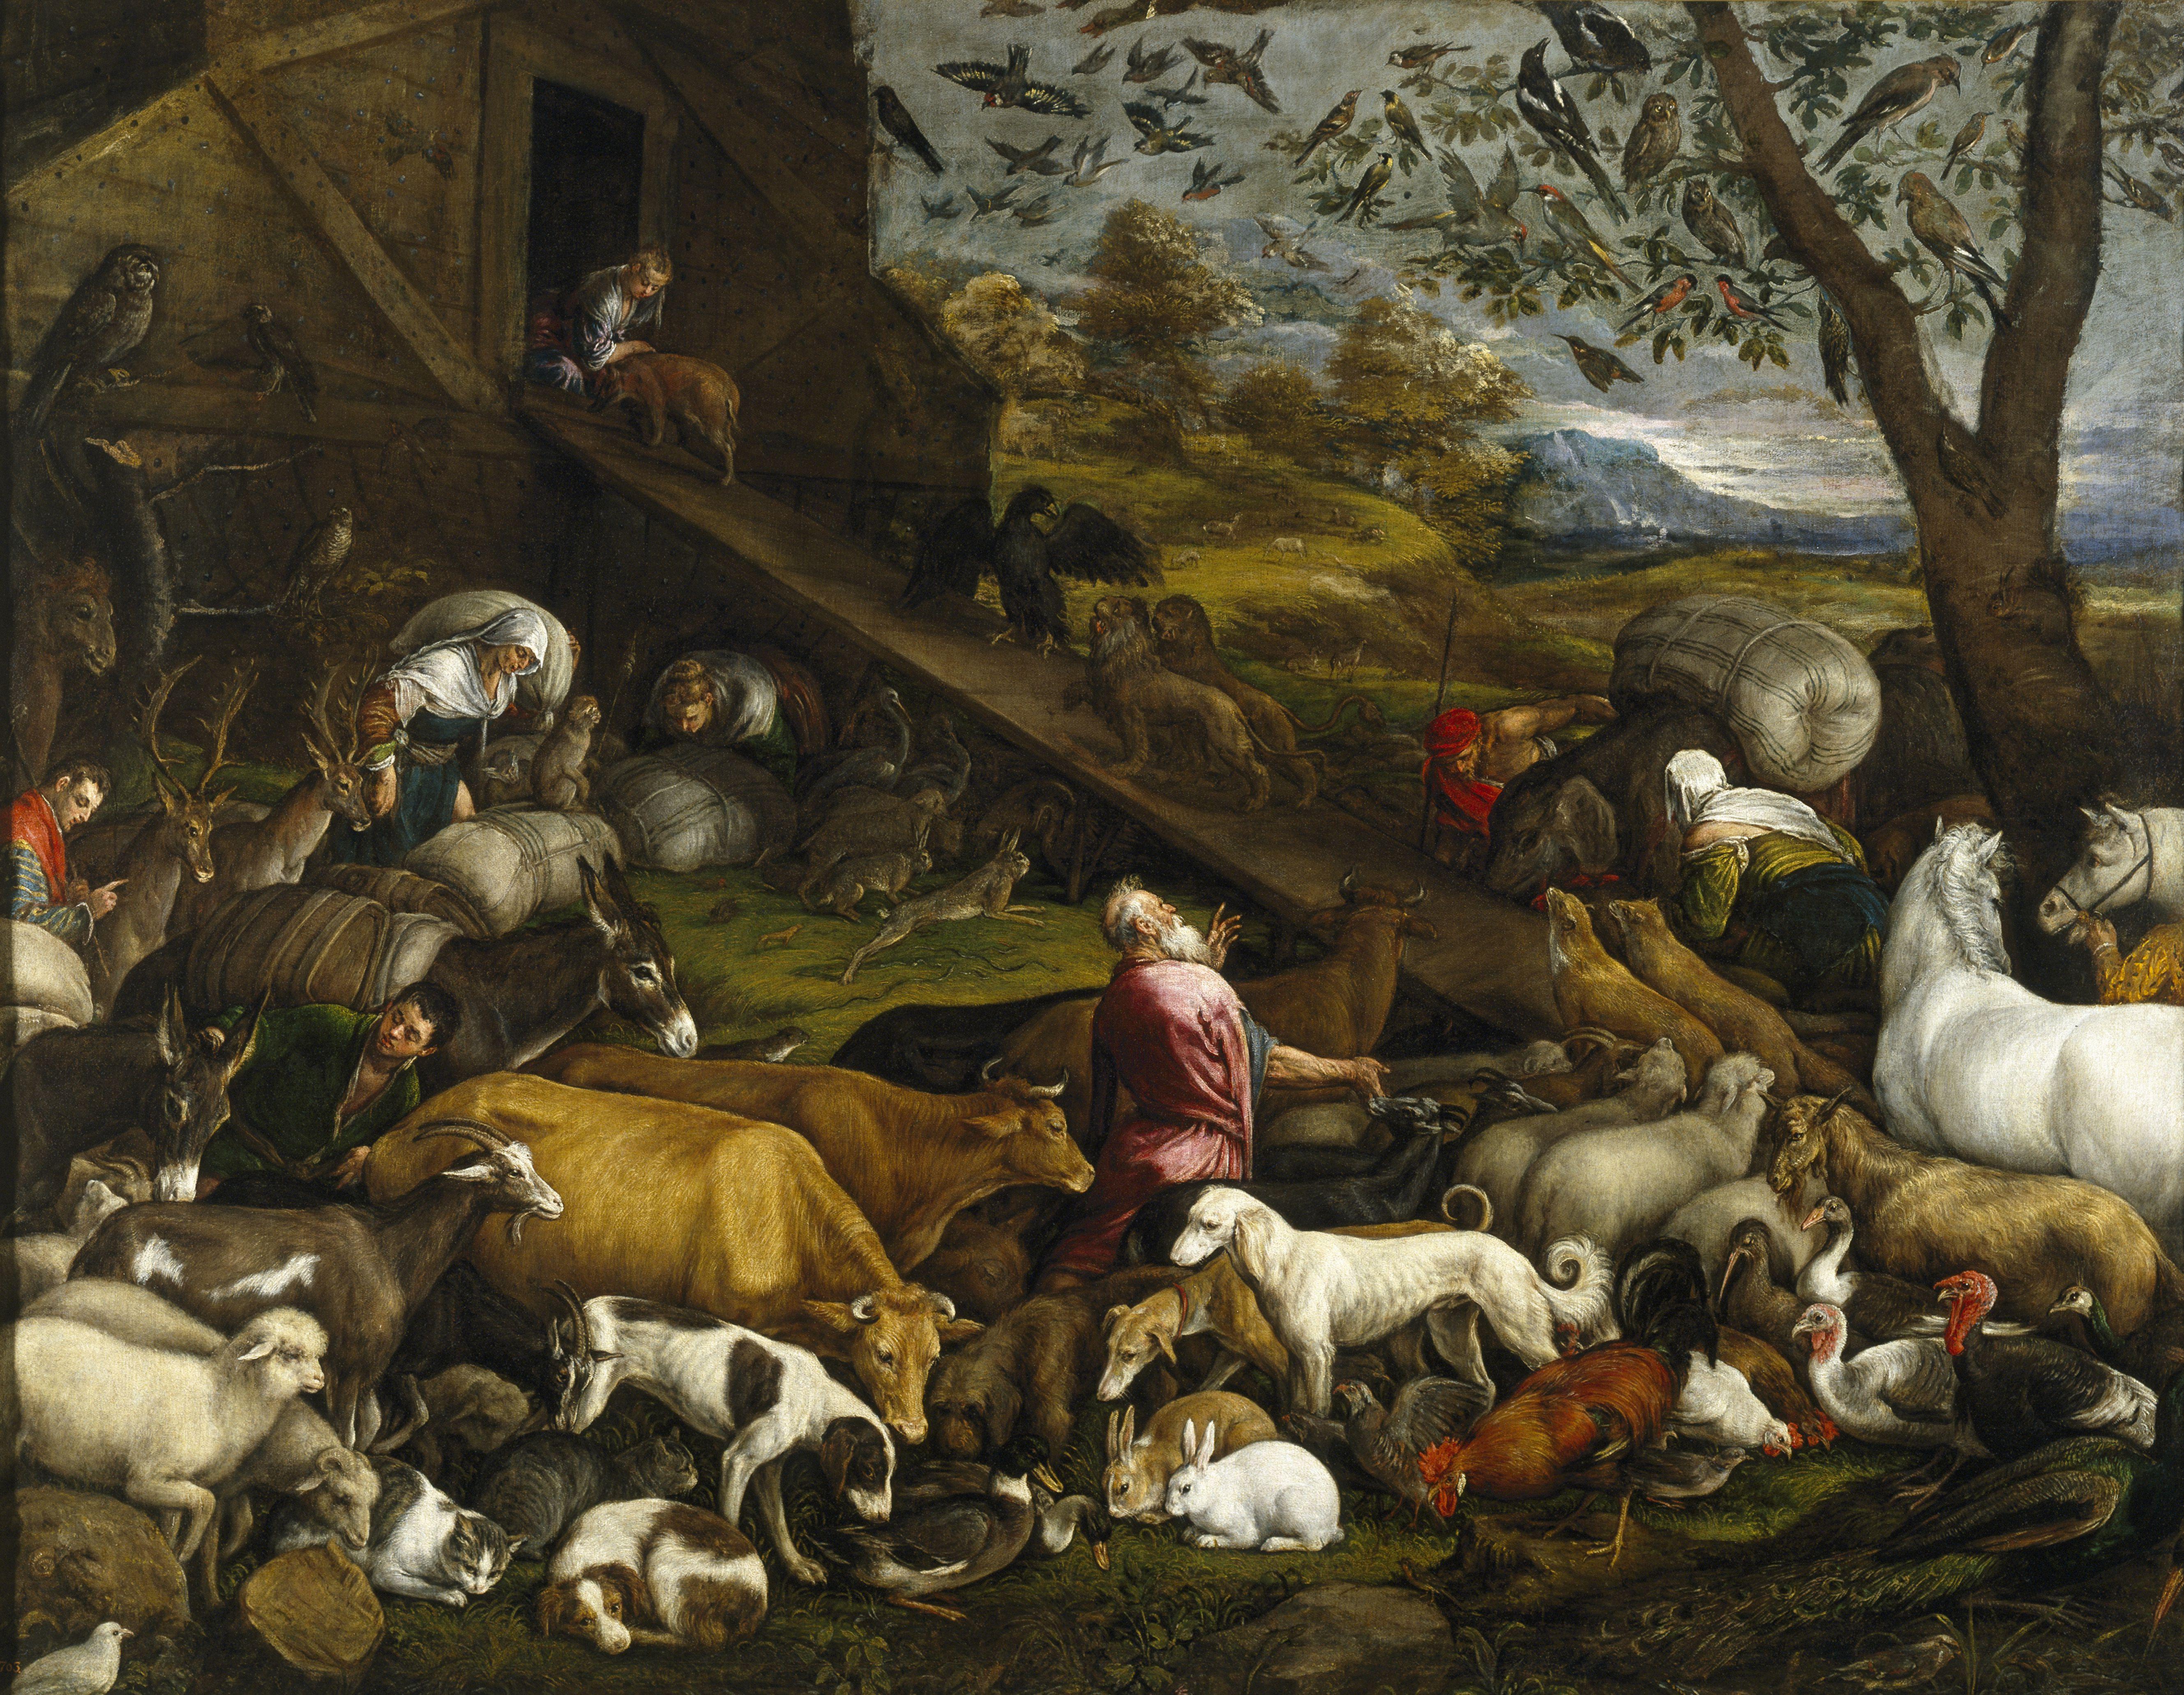 The Animals Board Noah's Ark. Artist: Bassano, Jacopo, il vecchio (ca. 1510-1592)